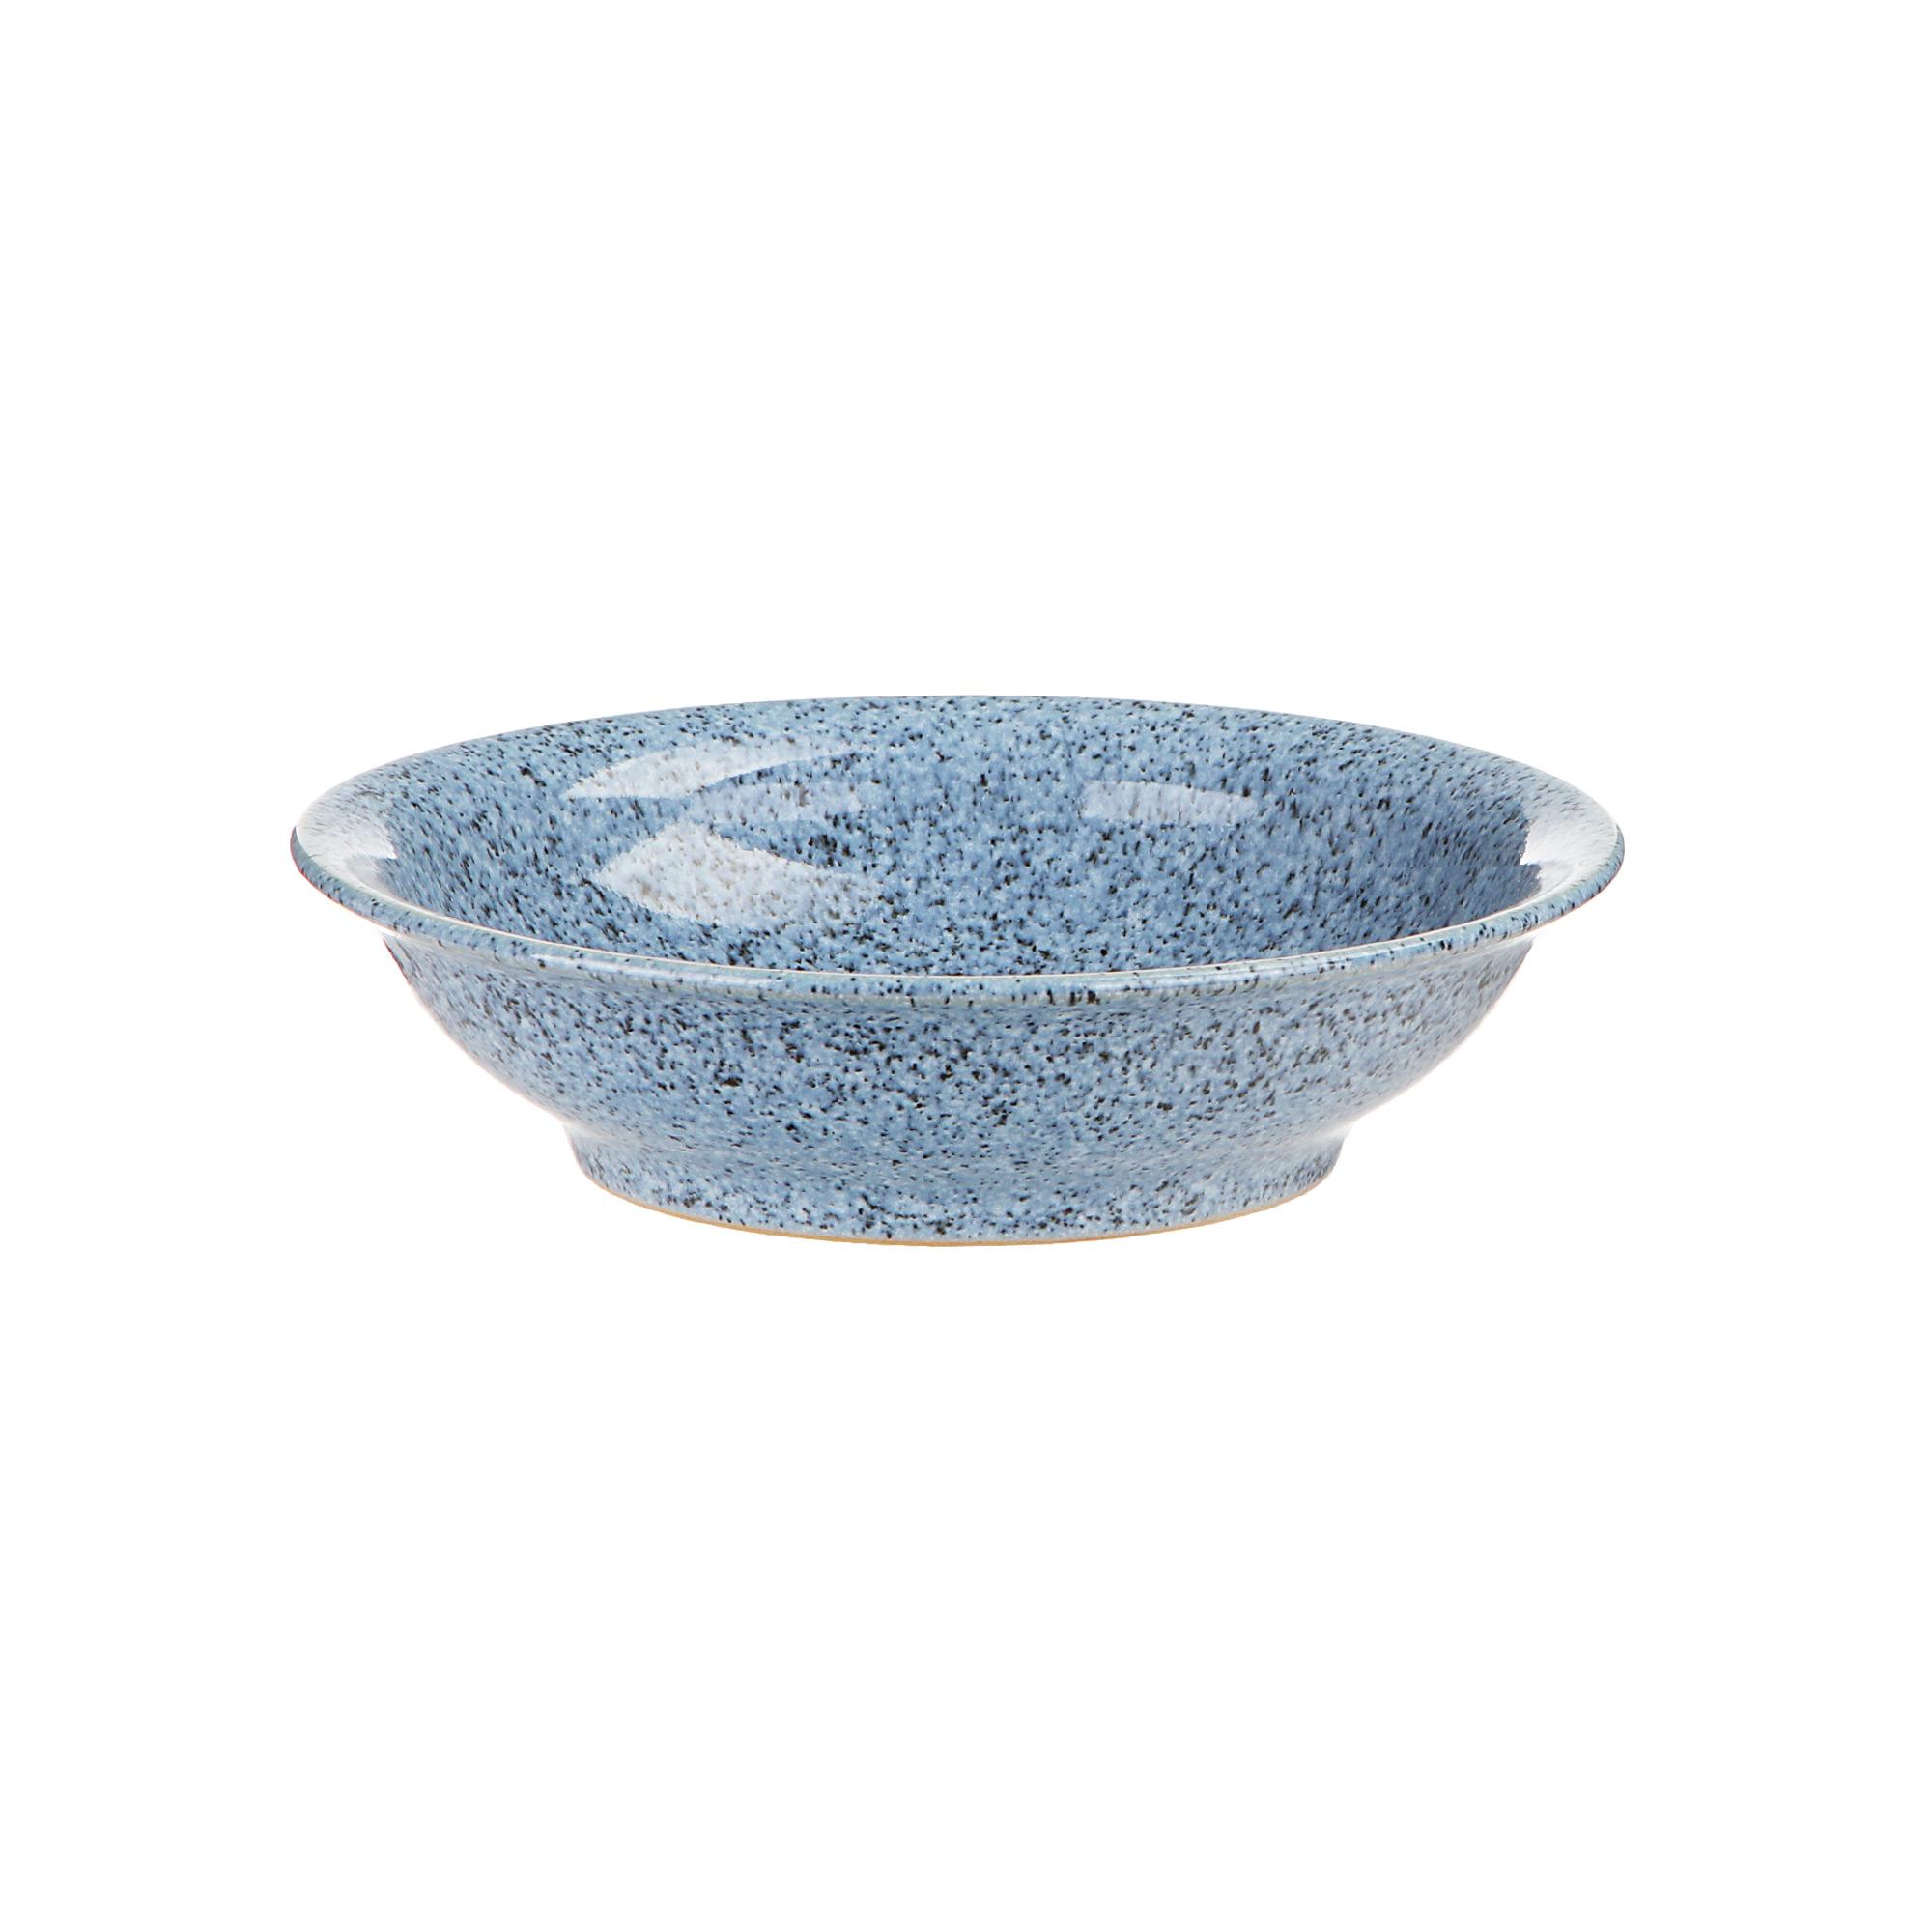 Блюдо для фруктов Denby Studio Blue 15,5 см блюдо для фруктов denby studio craft 15 см